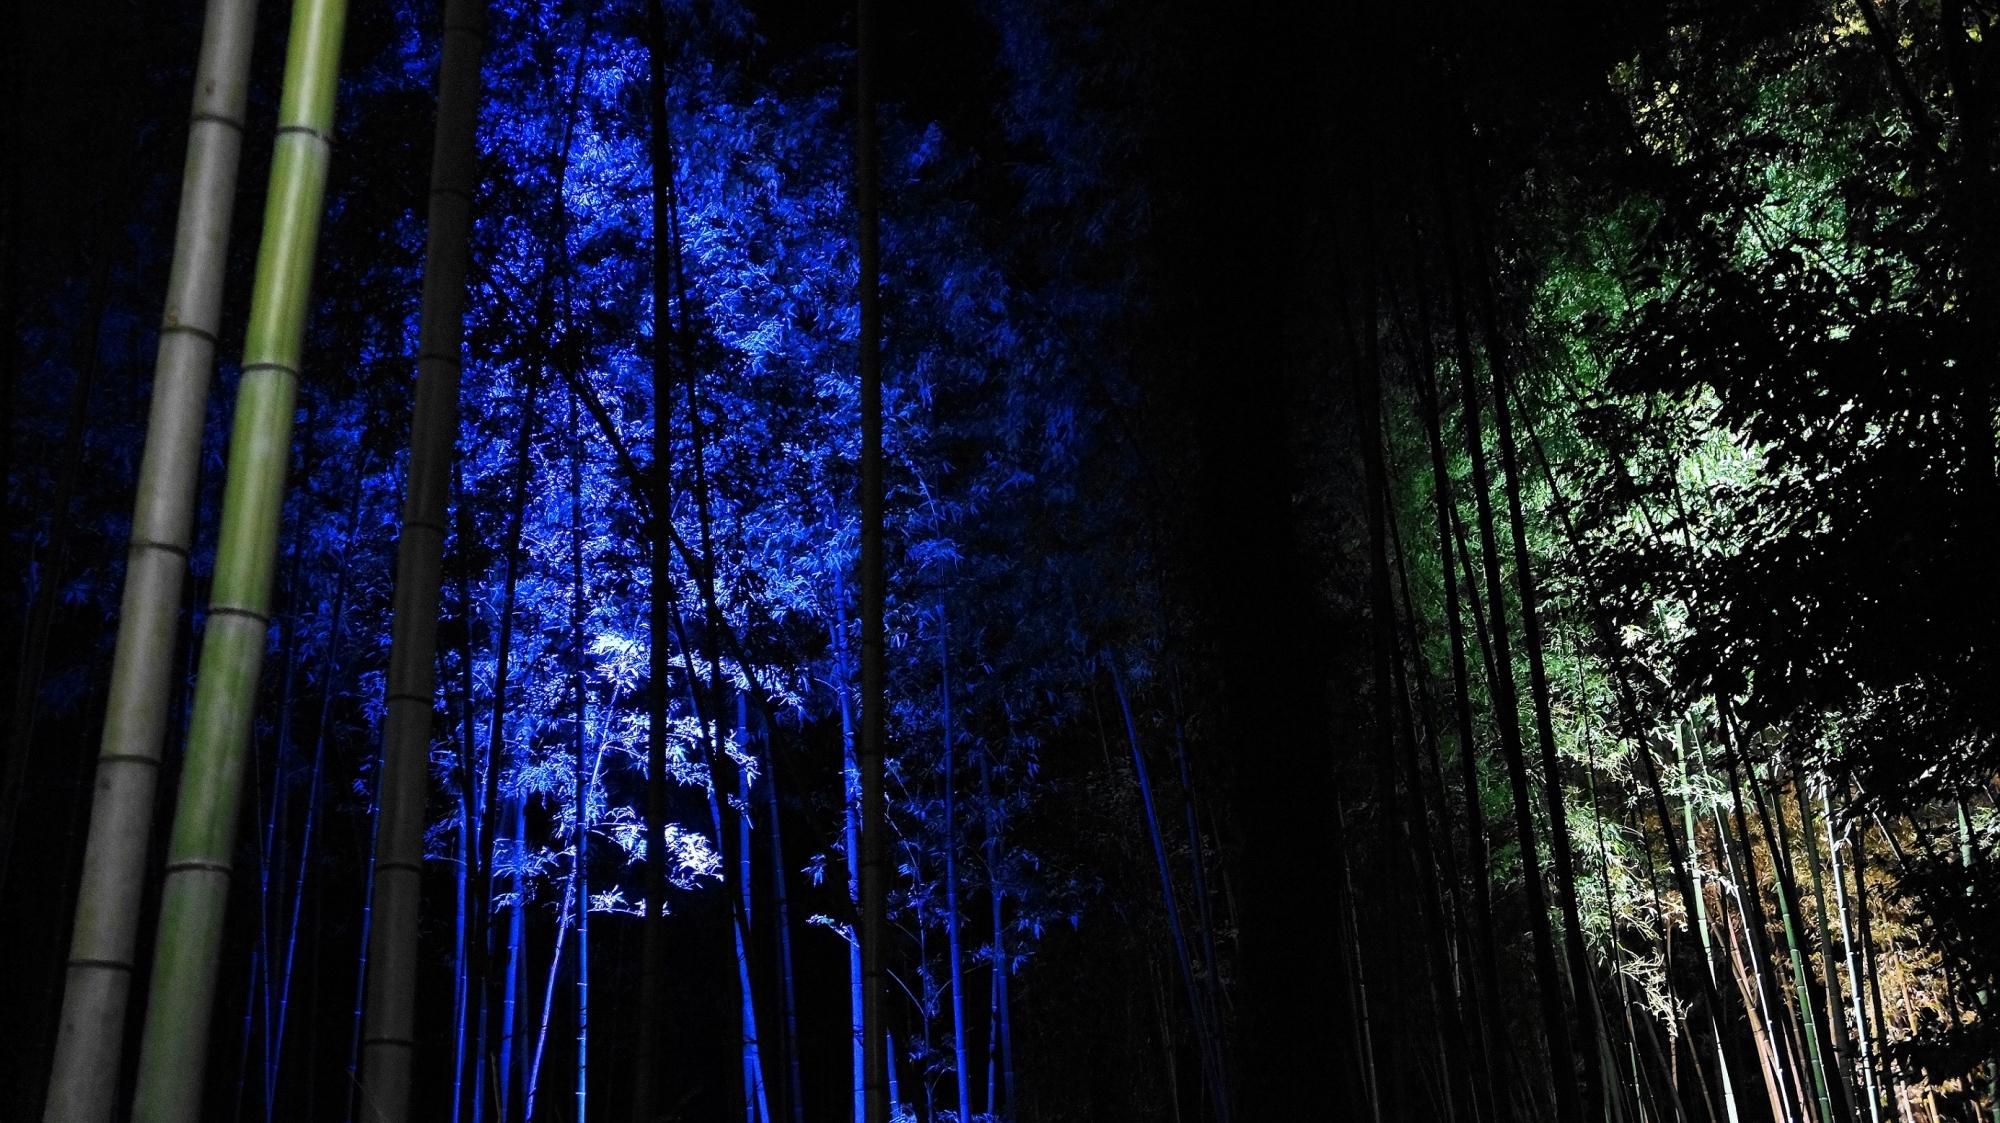 嵐山花灯路の神秘的な青色の竹林ライトアップ